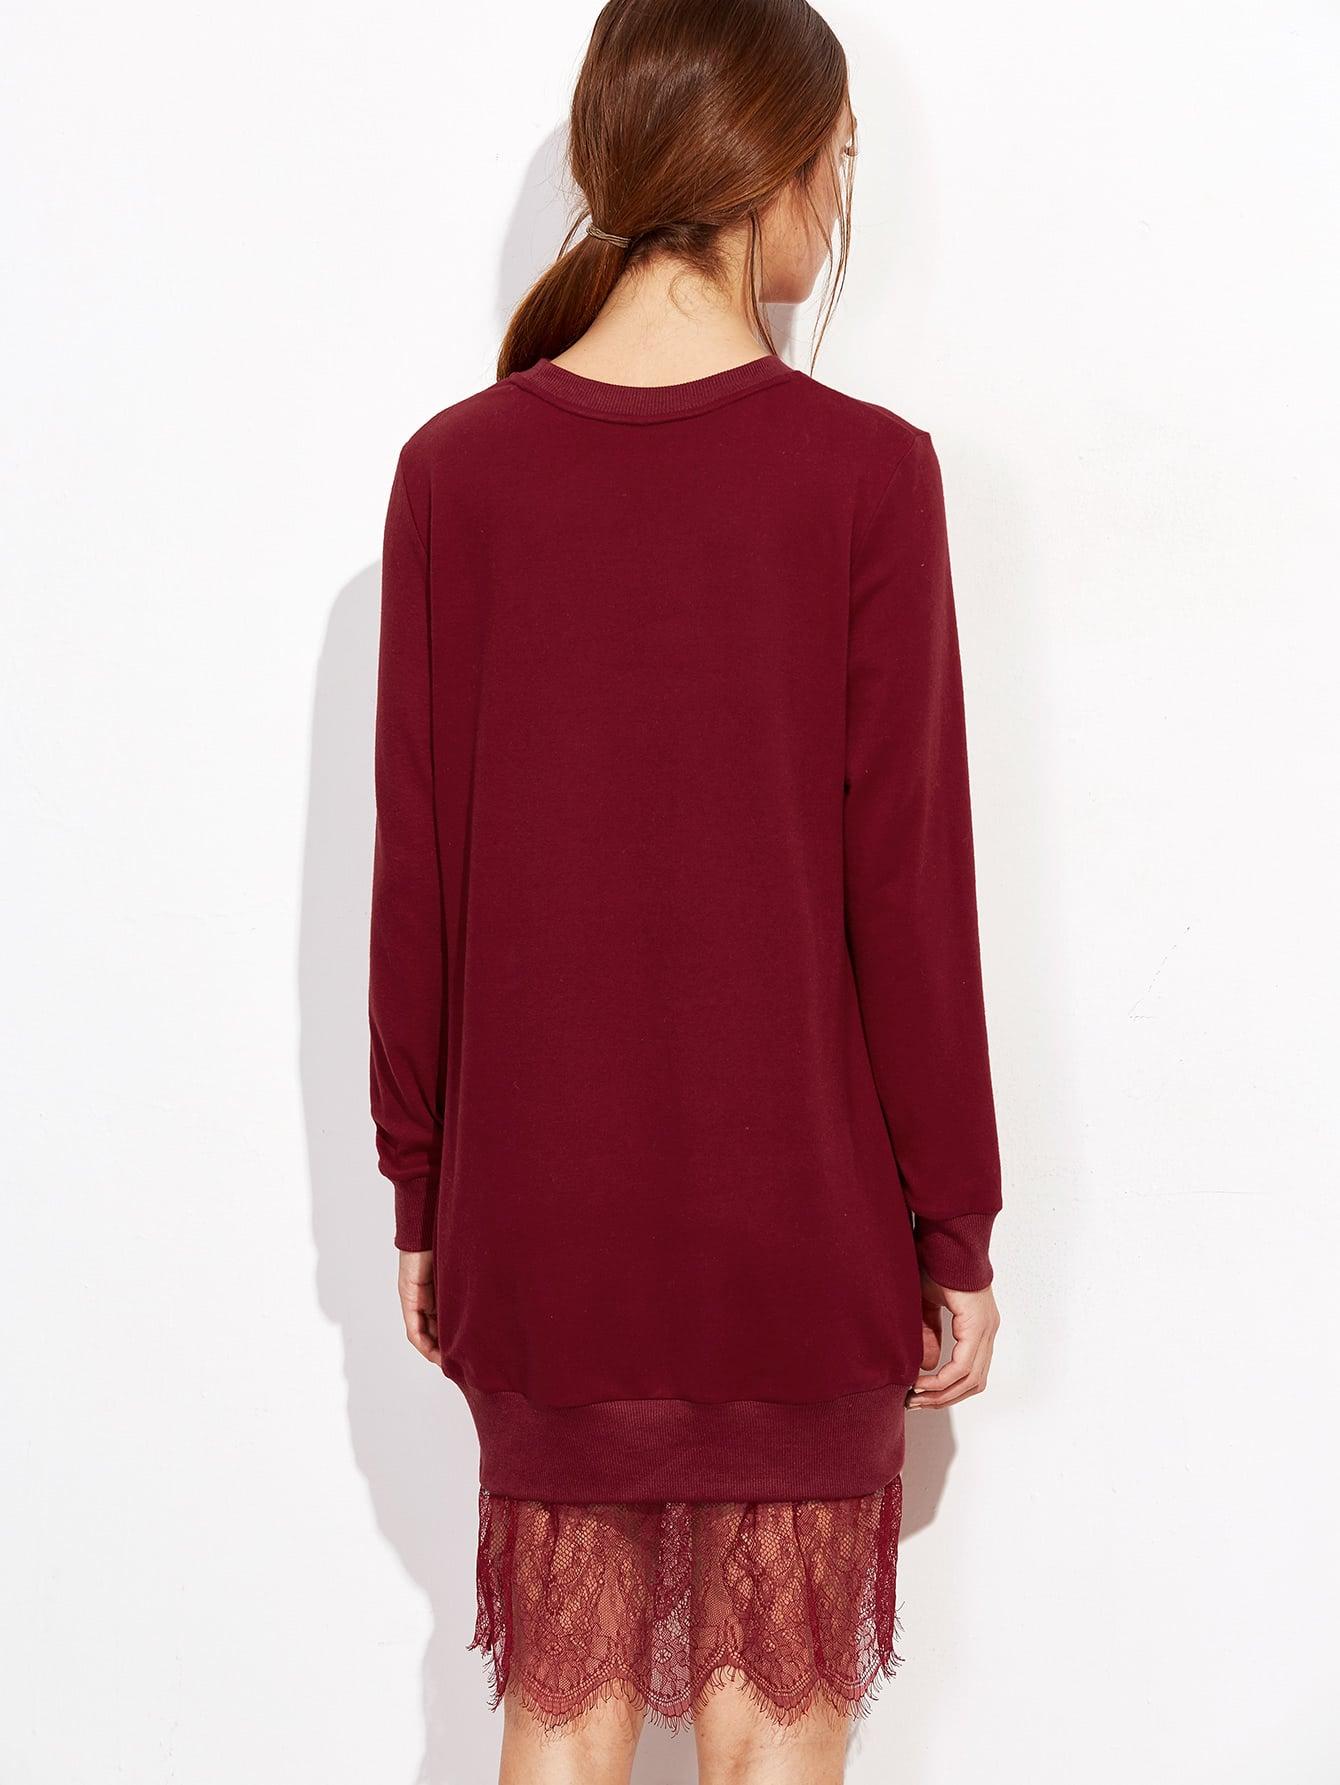 dress161011705_2